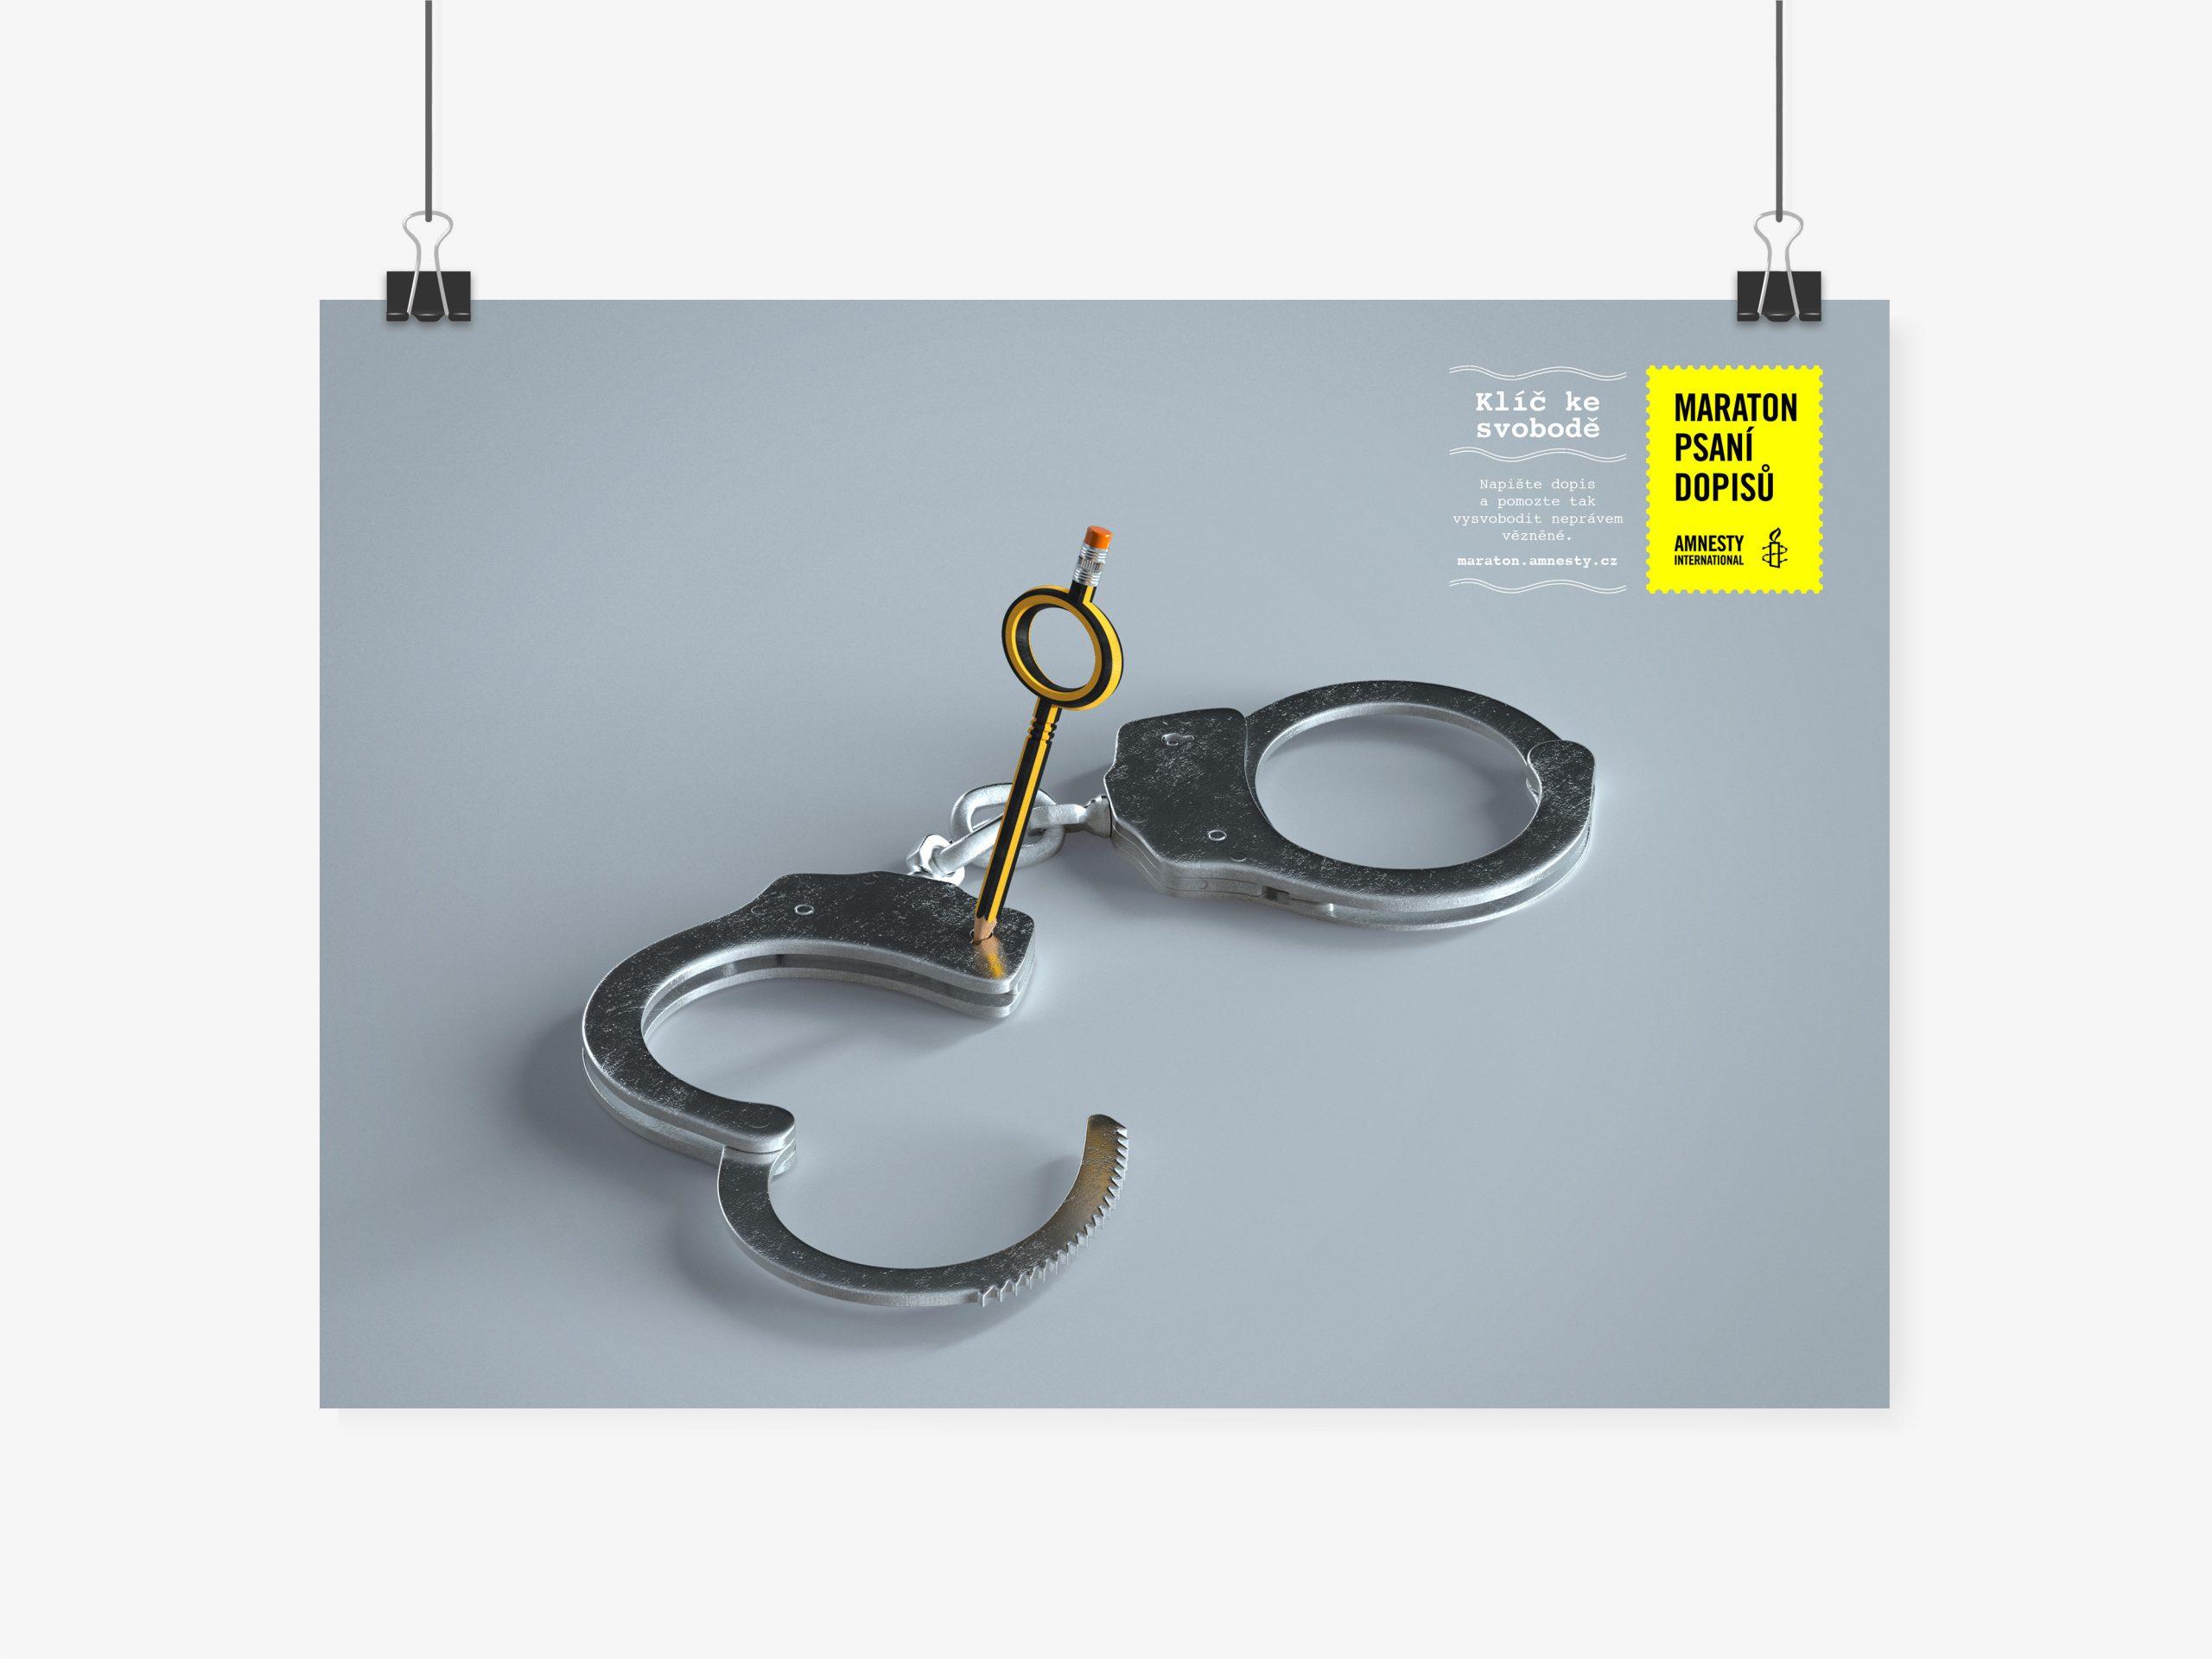 Amnesty International: Maraton psaní dopisů (Story tlrs)